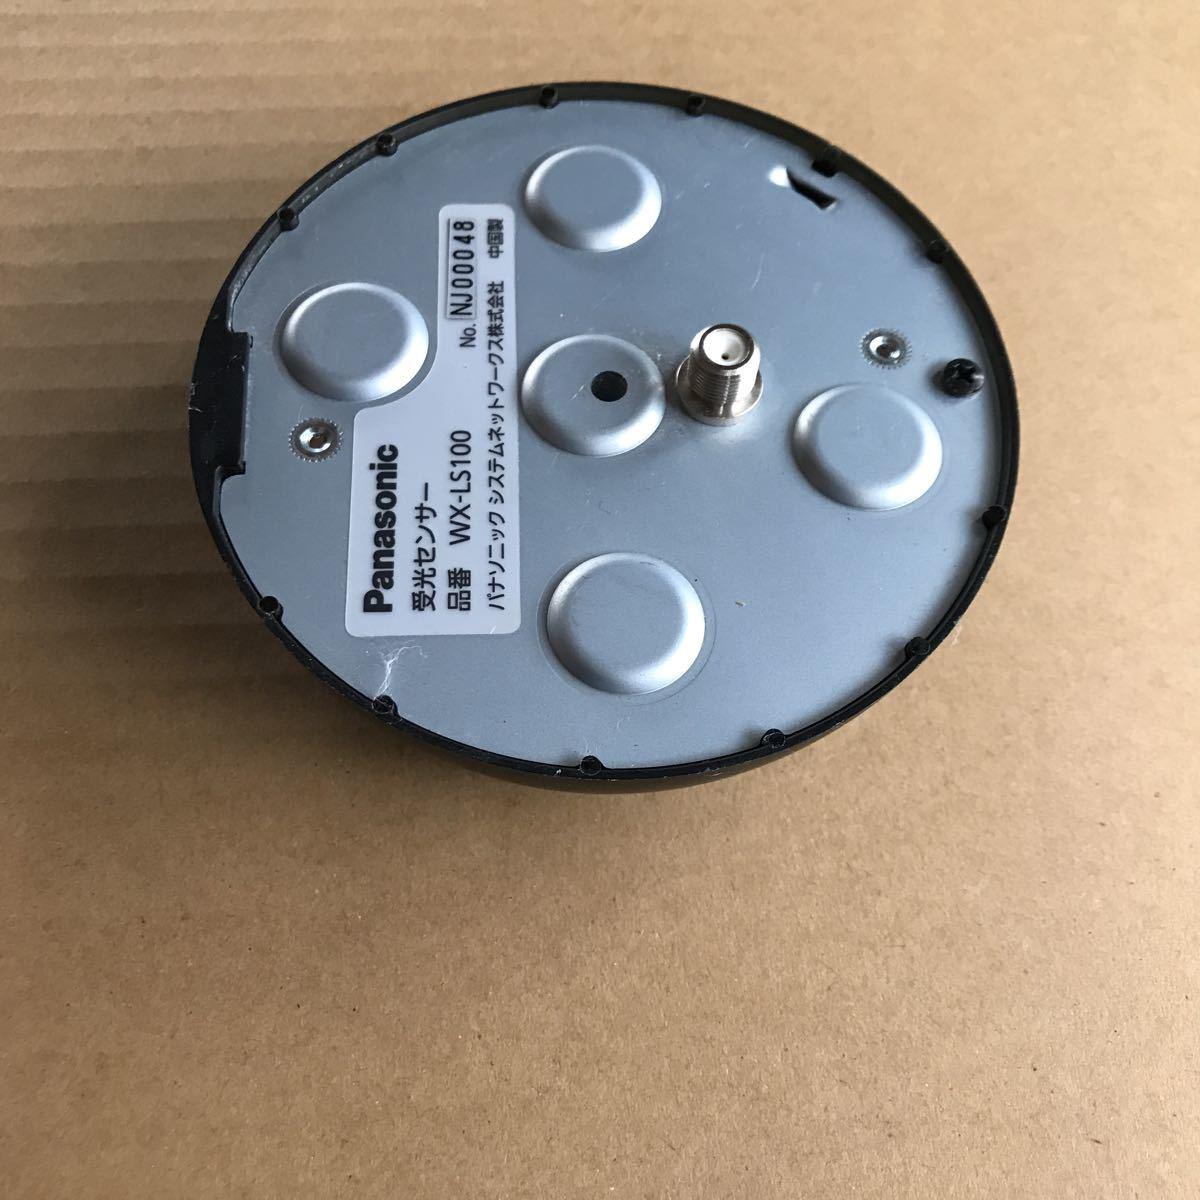 「M08」Panasonic 赤外線ワイヤレスシステム受光センサー WX-LS100 取付ネジない 現状出品_画像2